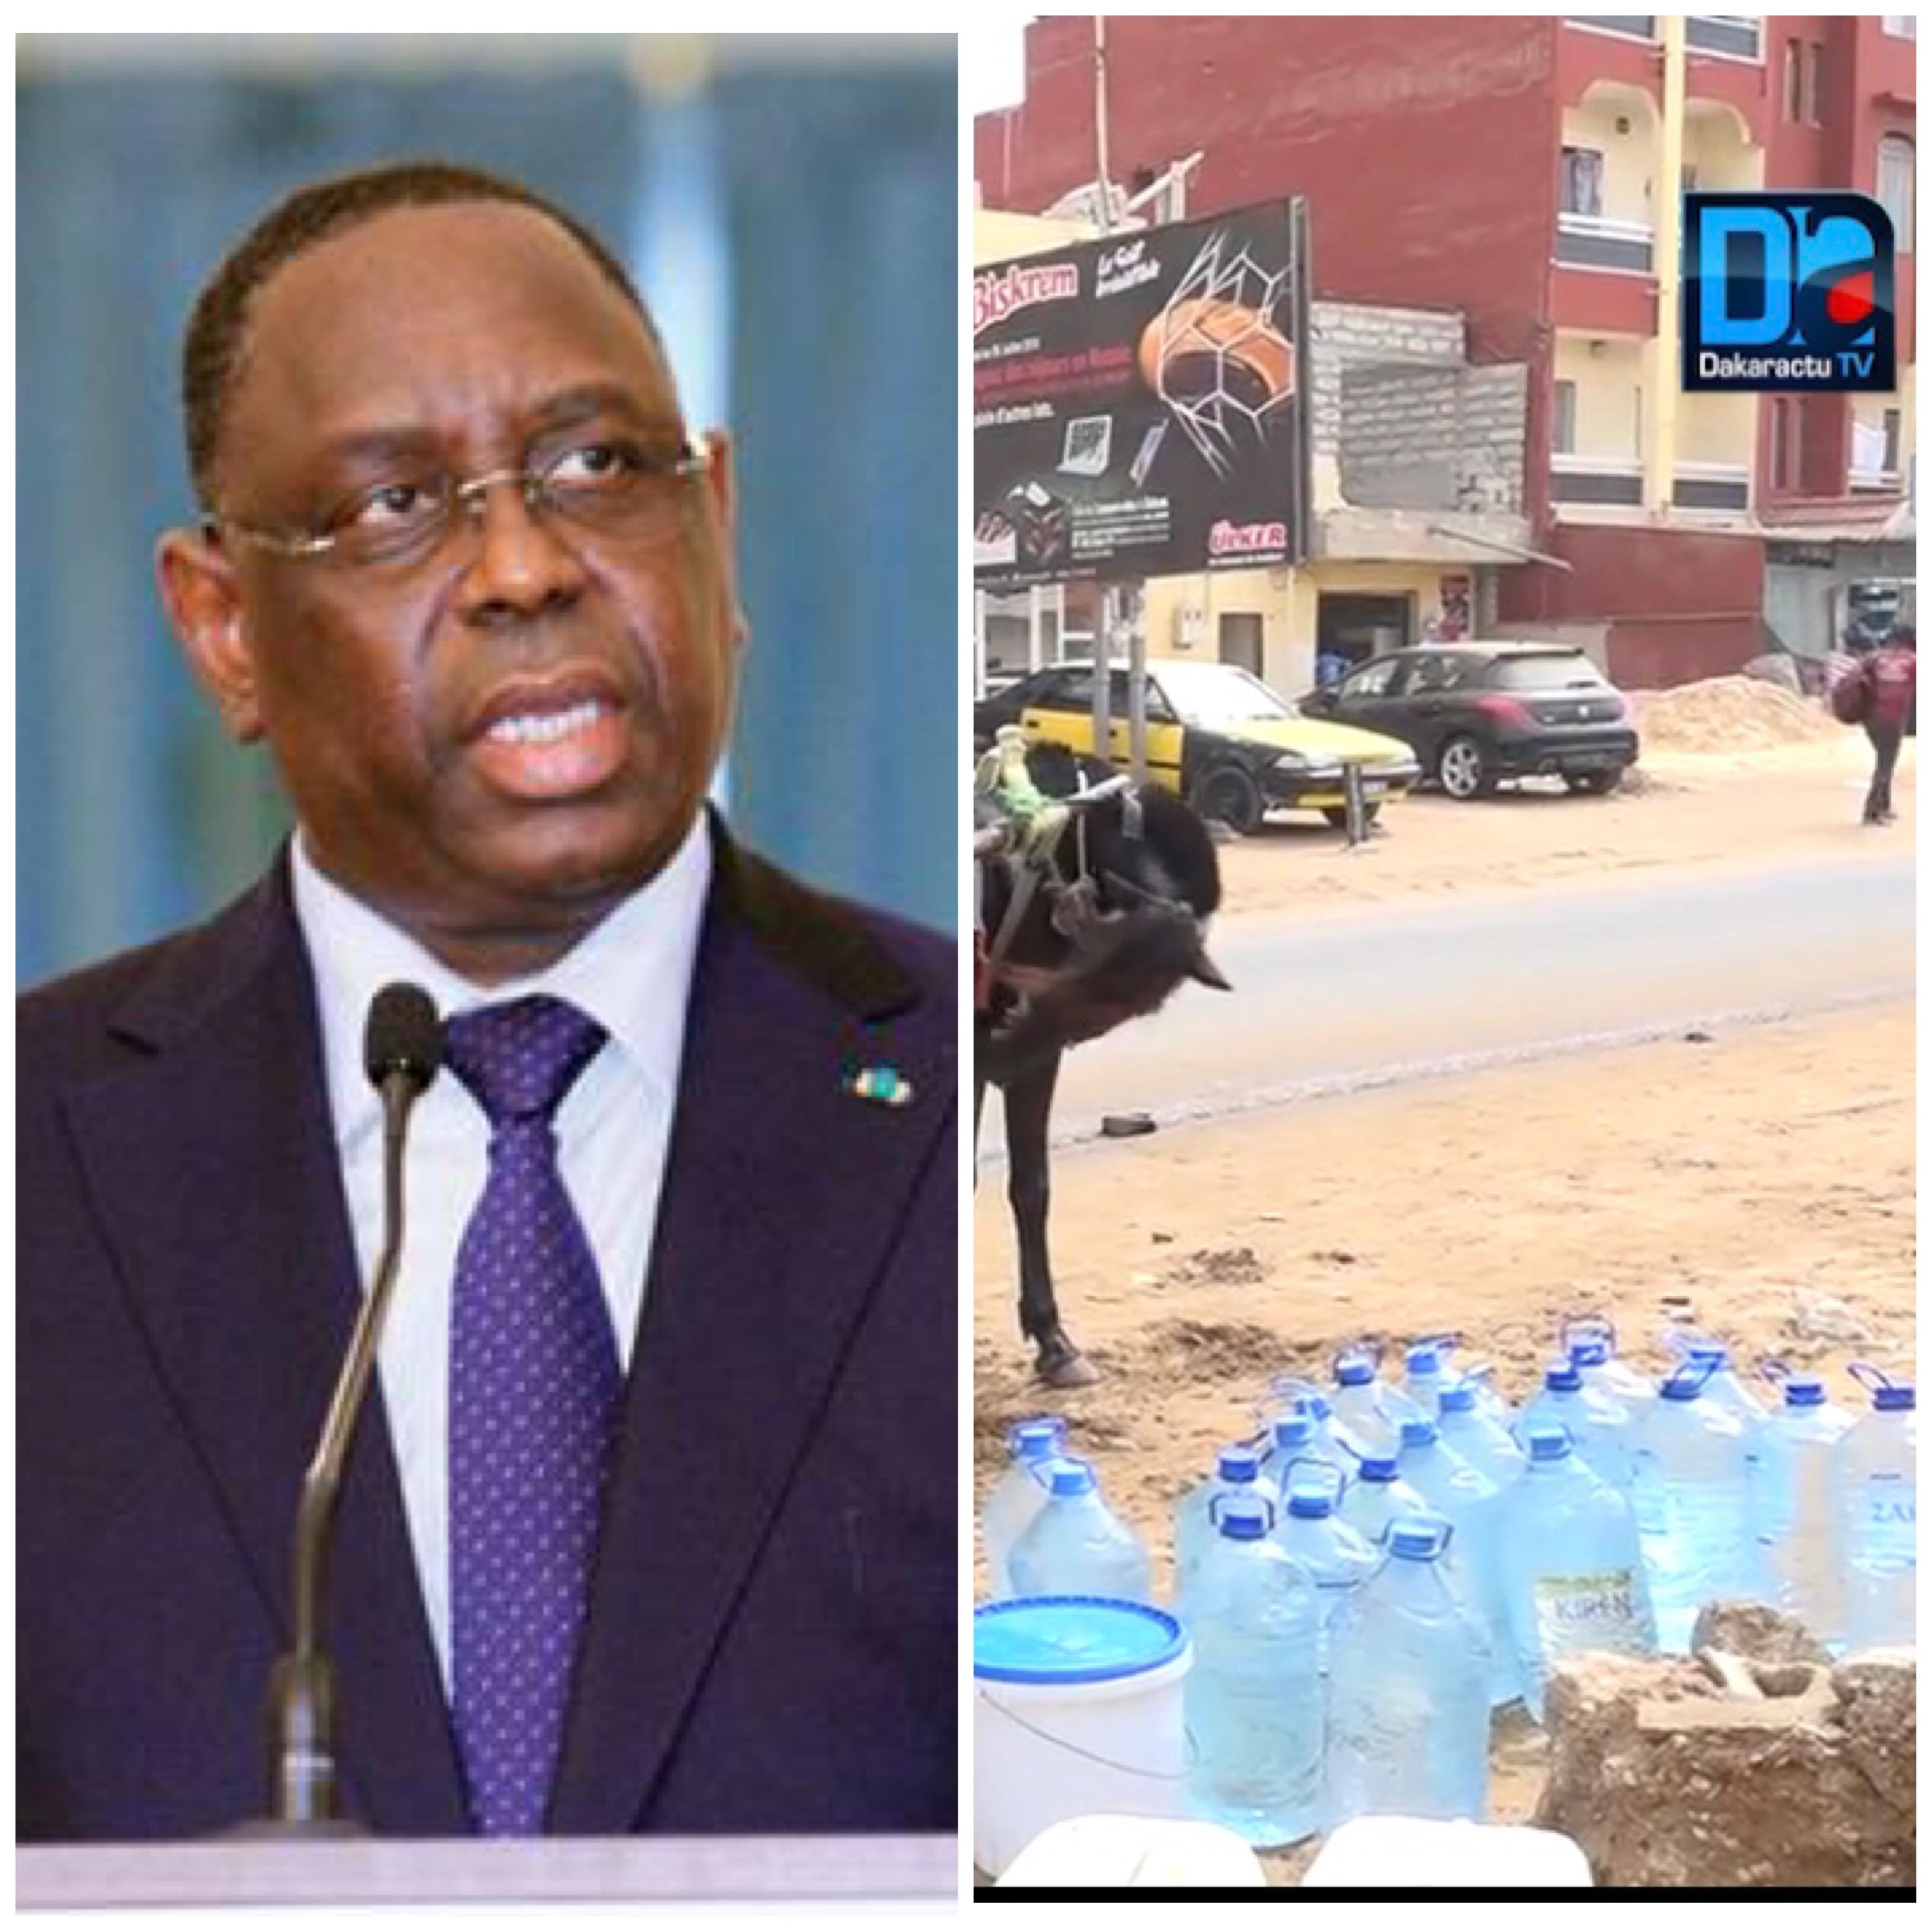 Pénuries d'eau sous Macky Sall : qui est responsable du Watergate ?